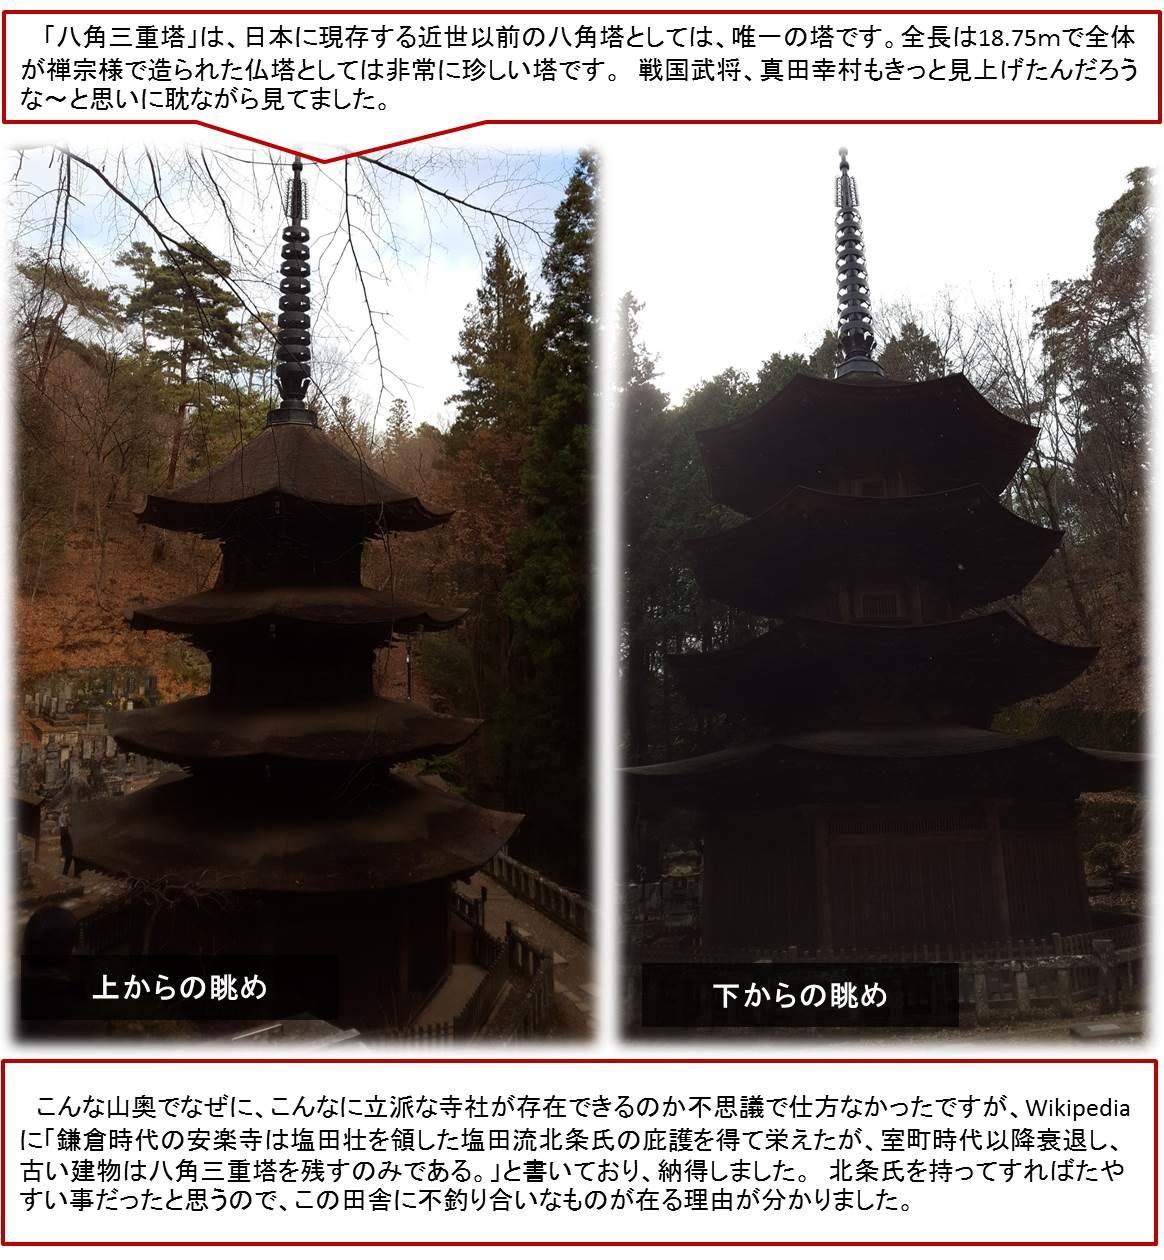 こんな山奥でなぜに、こんなに立派な寺社が存在できるのか不思議で仕方なかったですが、Wikipediaに「鎌倉時代の安楽寺は塩田壮を領した塩田流北条氏の庇護を得て栄えたが、室町時代以降衰退し、古い建物は八角三重塔を残すのみである。」と書いており、納得しました。 北条氏を持ってすればたやすい事だったと思うので、この田舎に不釣り合いなものが在る理由が分かりました。